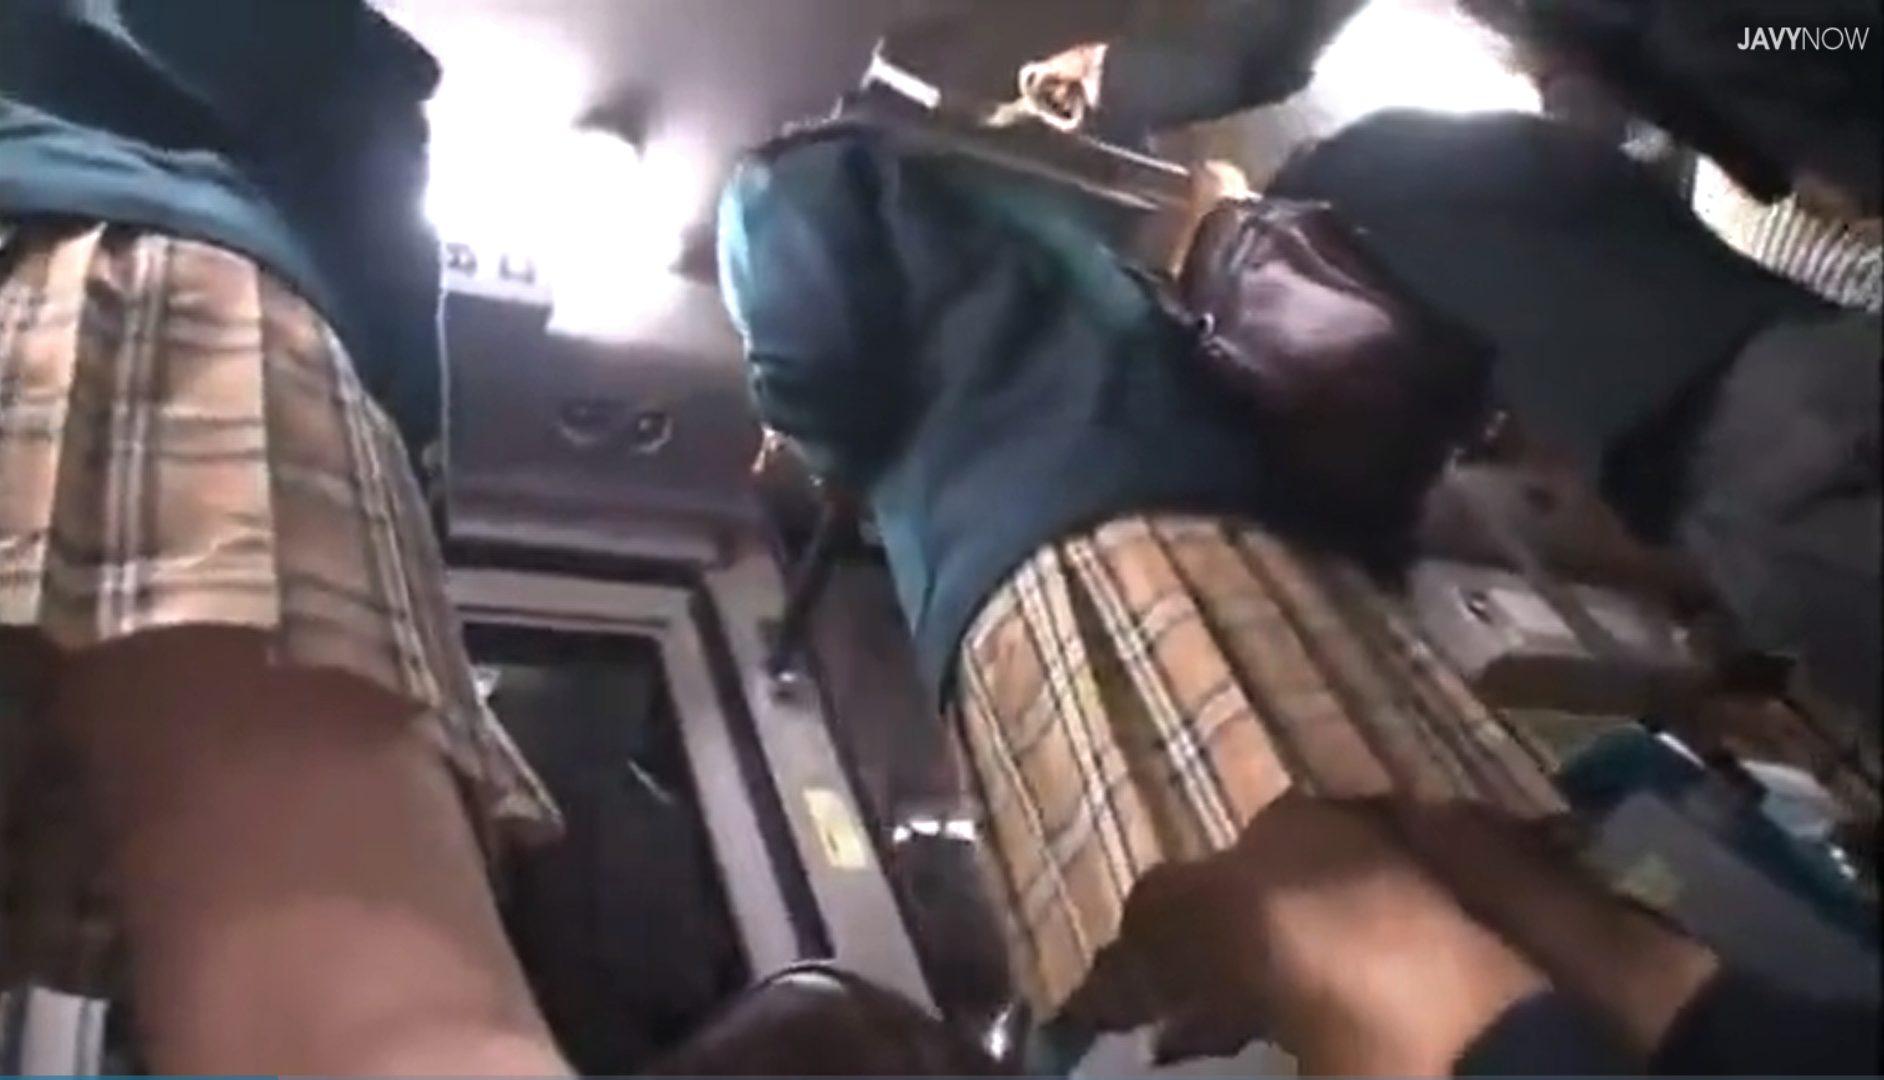 【※痴漢レイプ※】バス車内でJKを狙う痴漢魔!手当たり次第に痴漢し生ハメレイプに発展…!